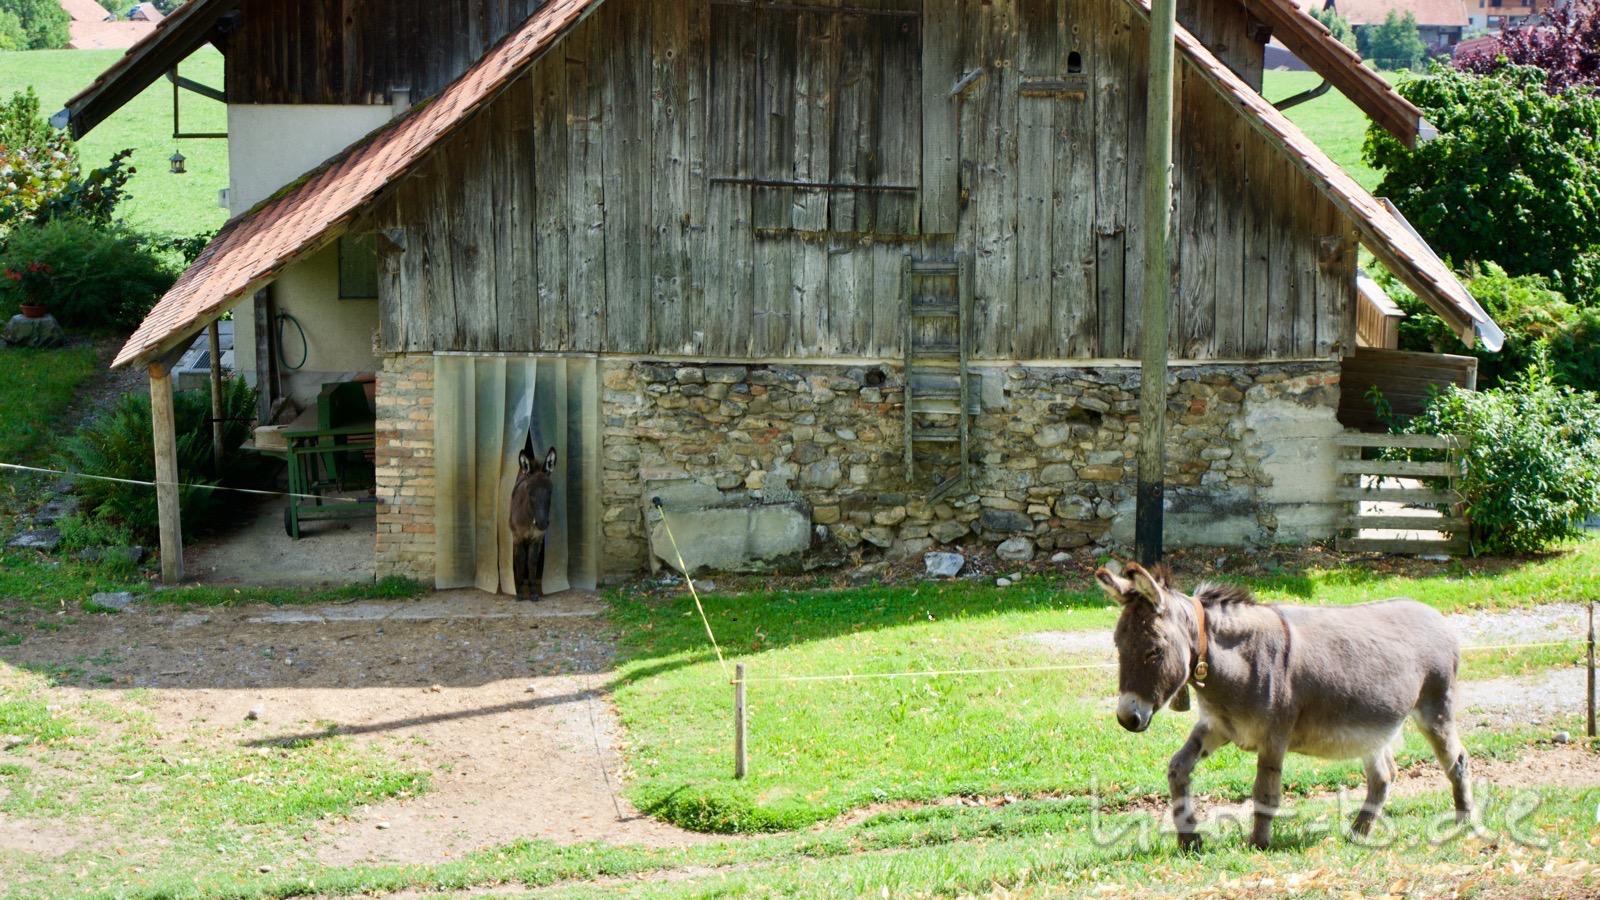 Ein Esel ist draußen, der andere schaut schon aus dem Stall heraus.